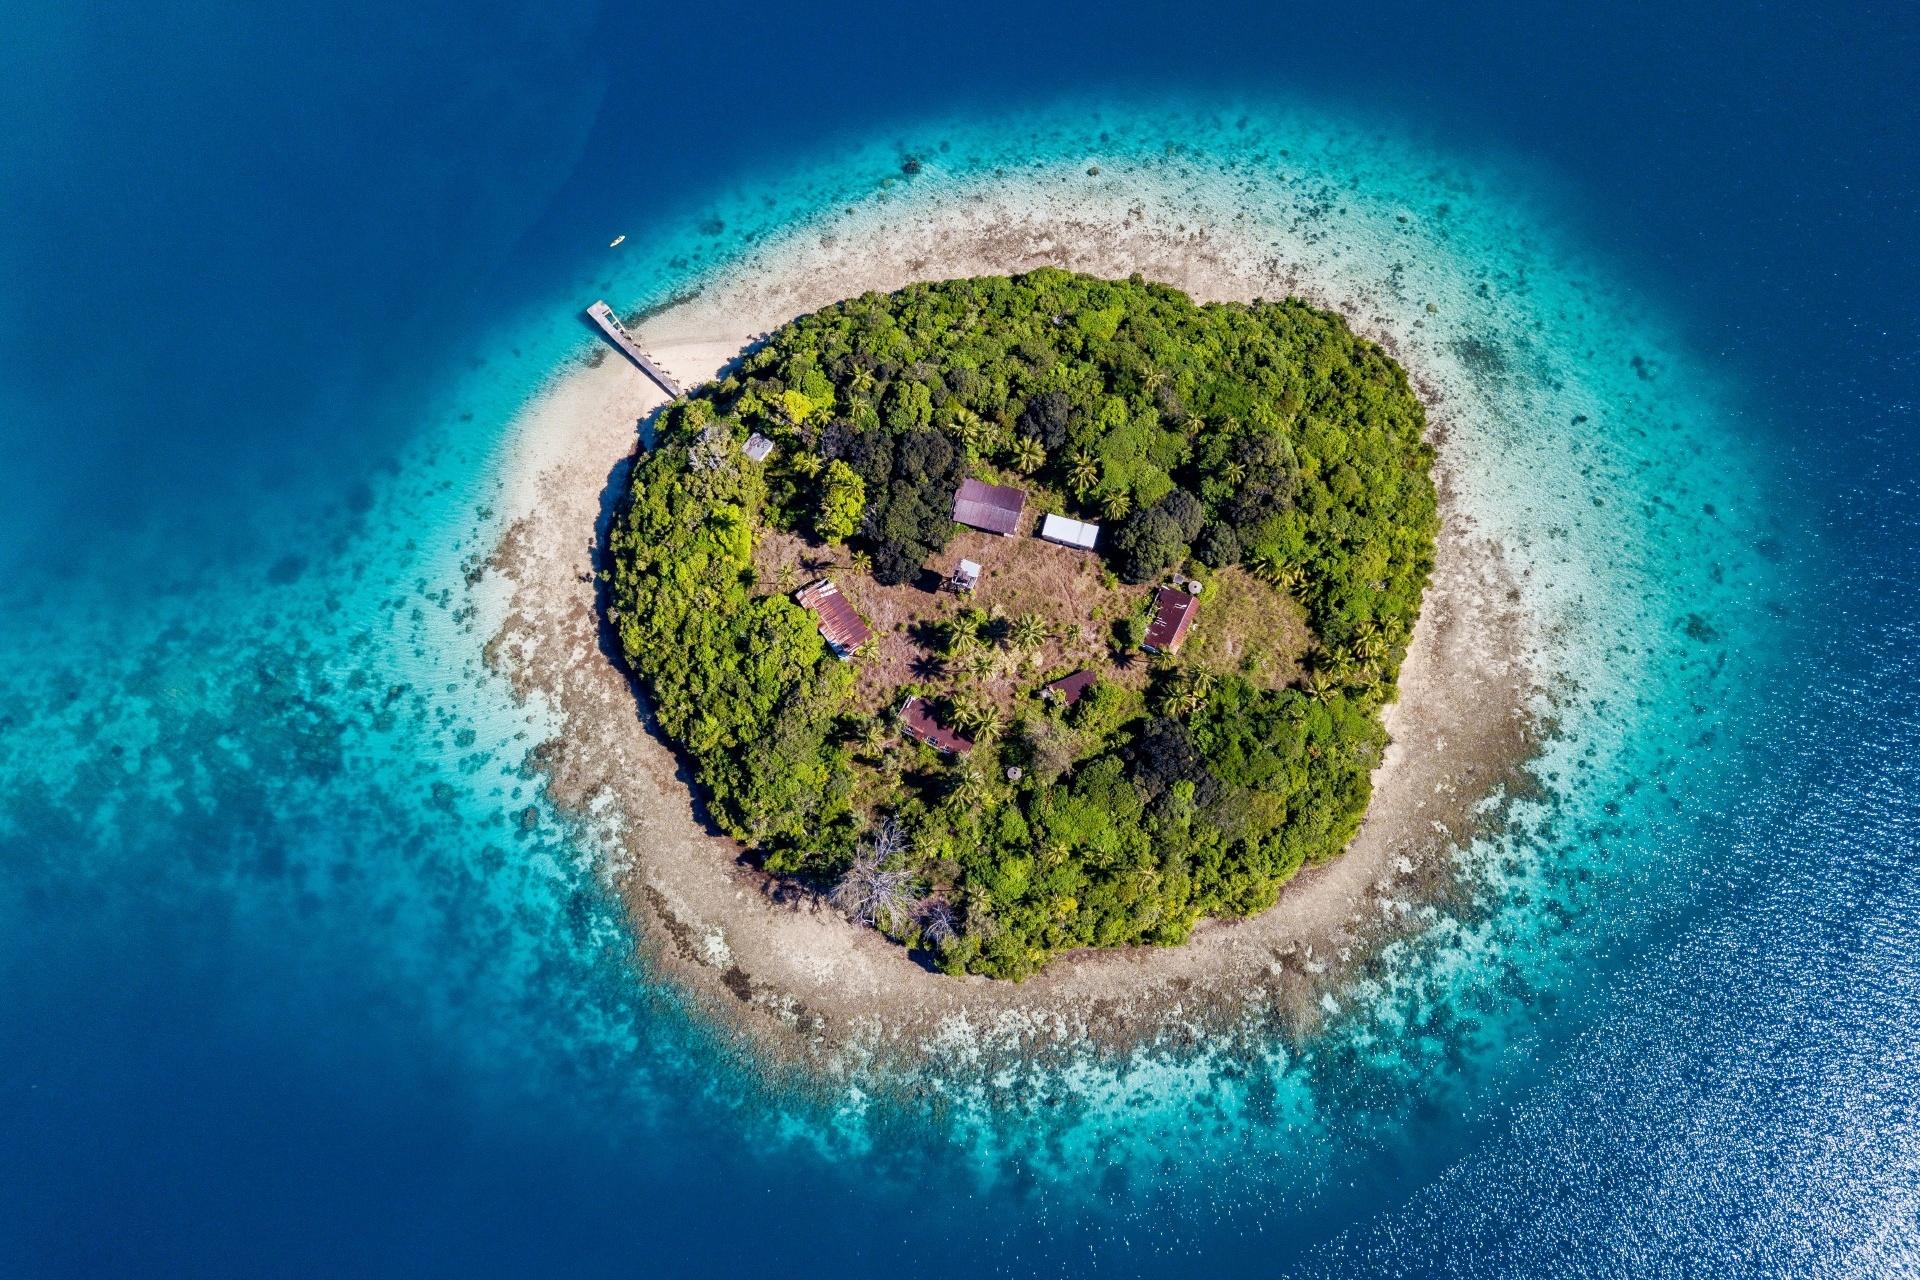 青い海と小島の風景 トンガの風景